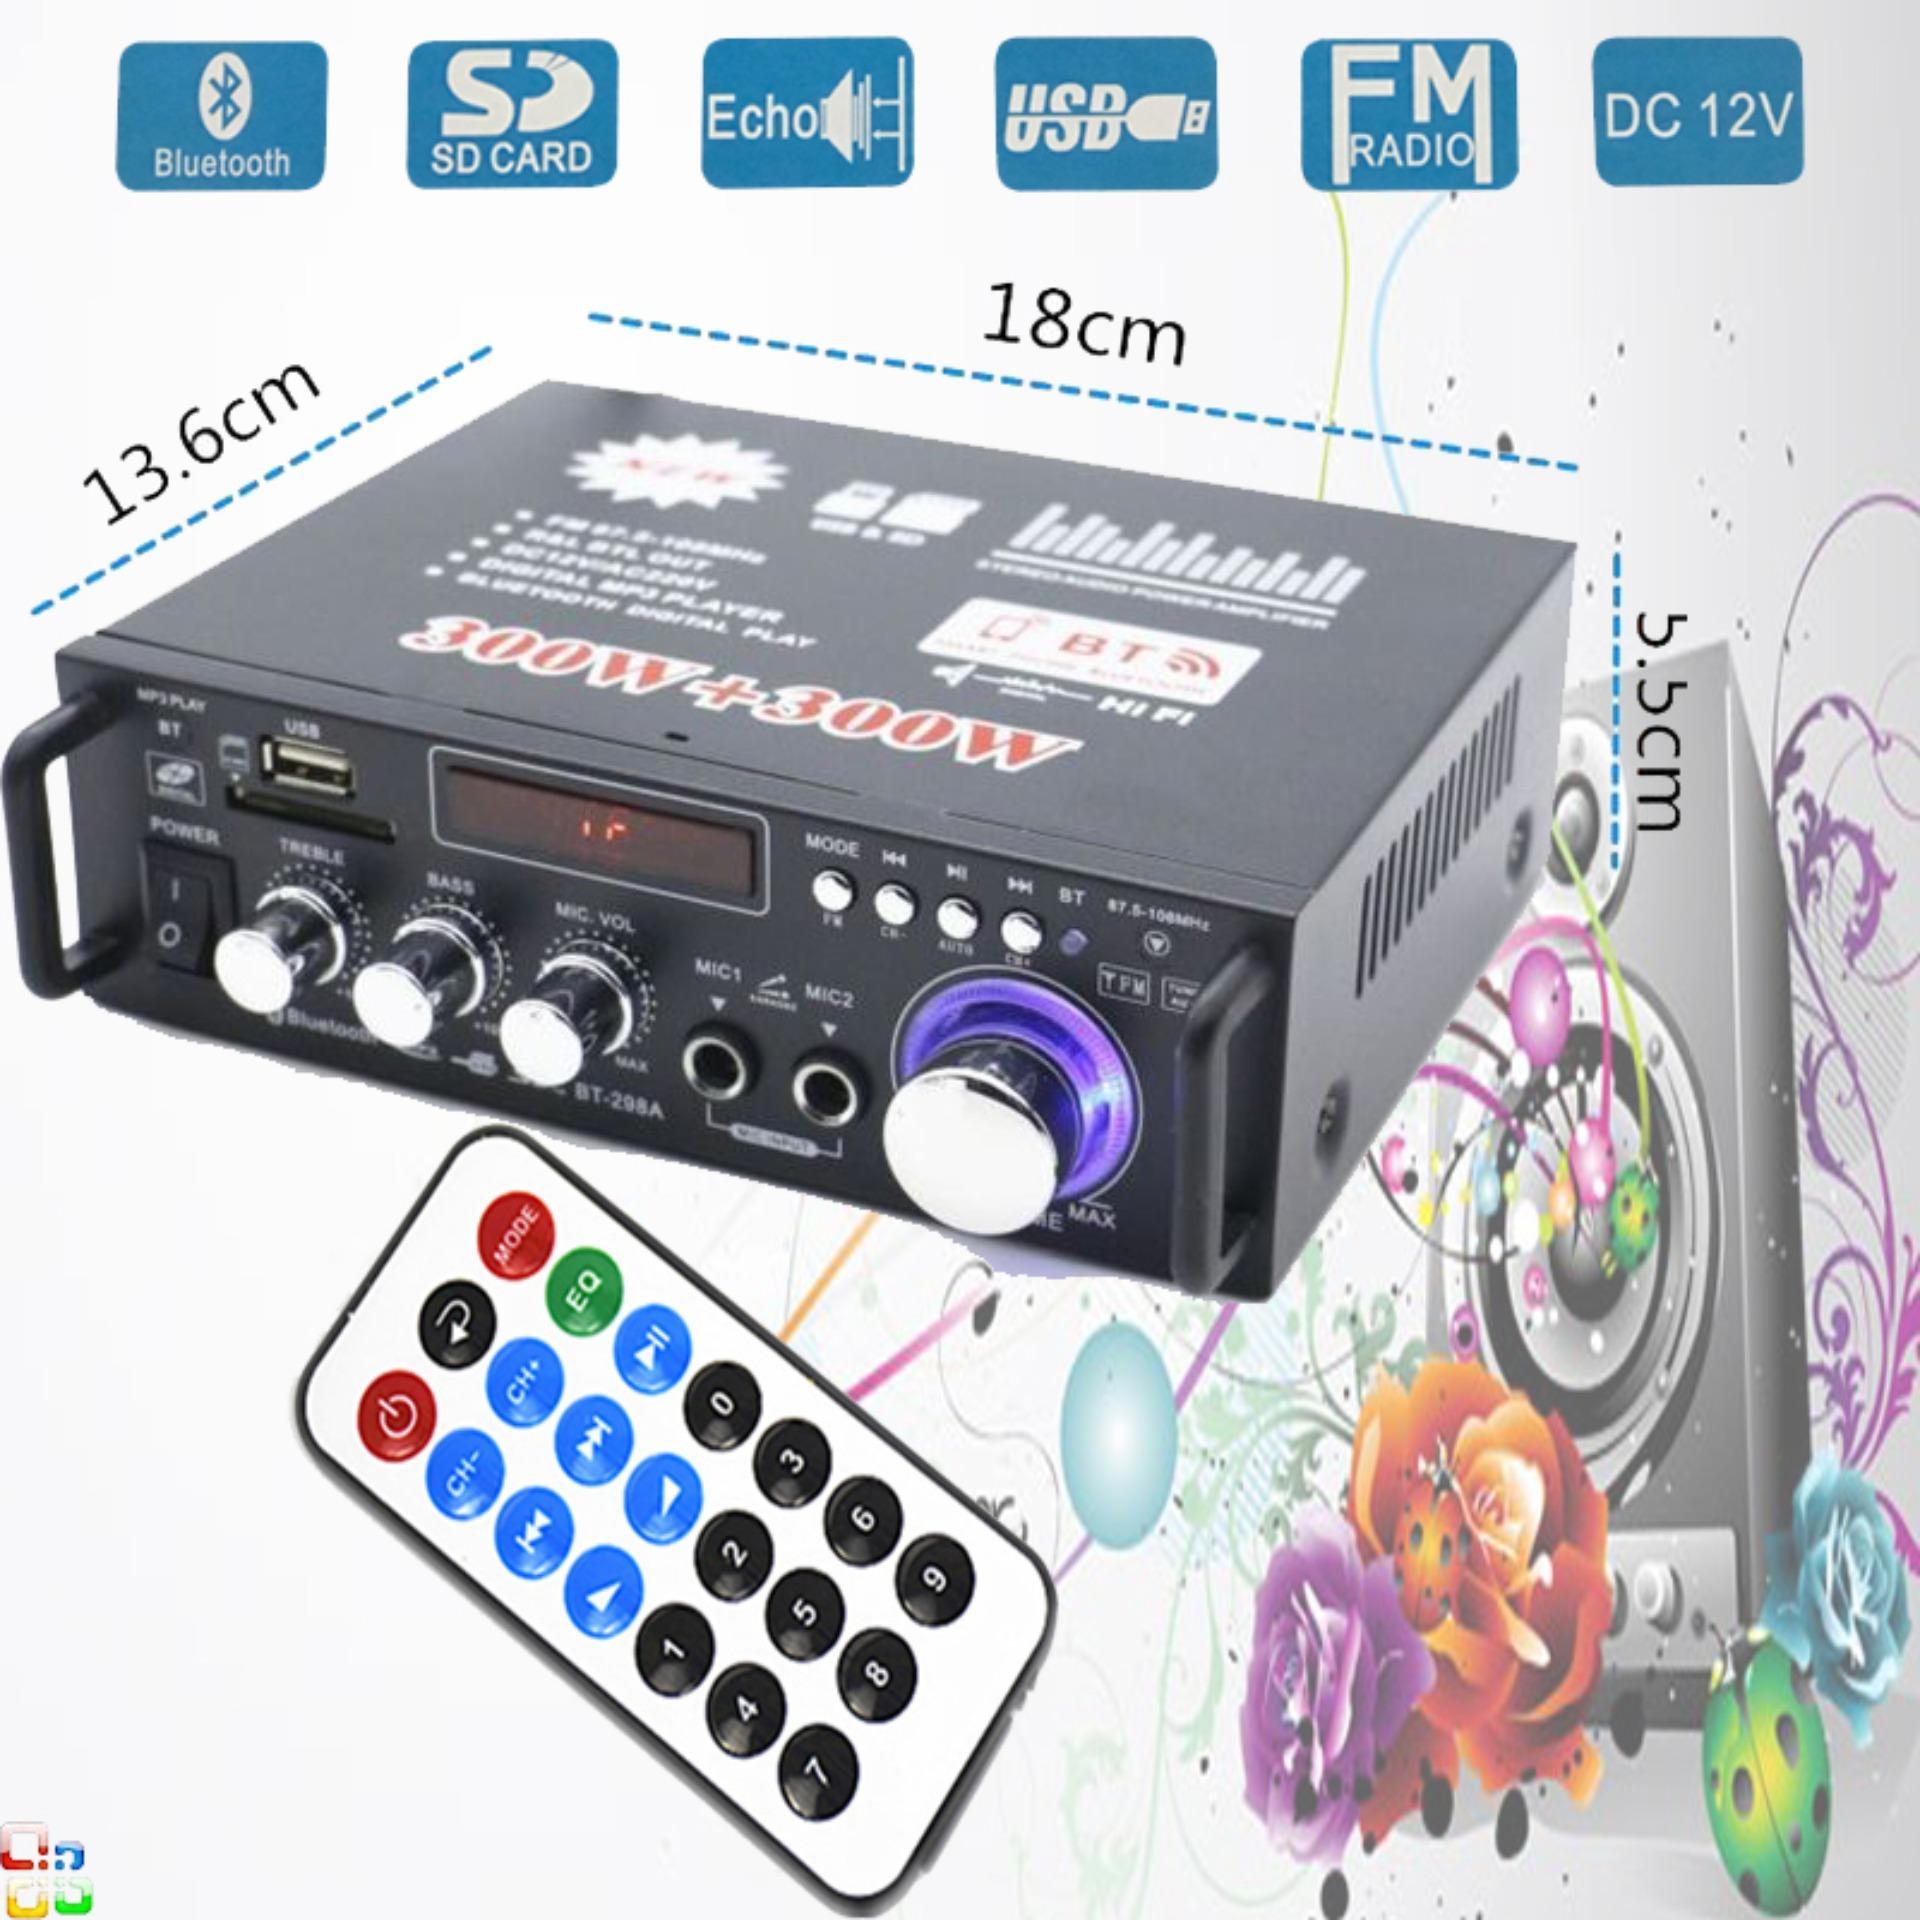 Âm Ly Nội Địa,Amply Bluetooth Tely-Jbv253 Cao Cấp Tiện Lợi (Giảm-50%) Thiết Kế Tinh Tế Cổng Usb,Sd Card,Radio.Tích Hợp Kèm 2 Cổng Mic Karaoke.Bh 1 Đổi 1 Mẫu 85